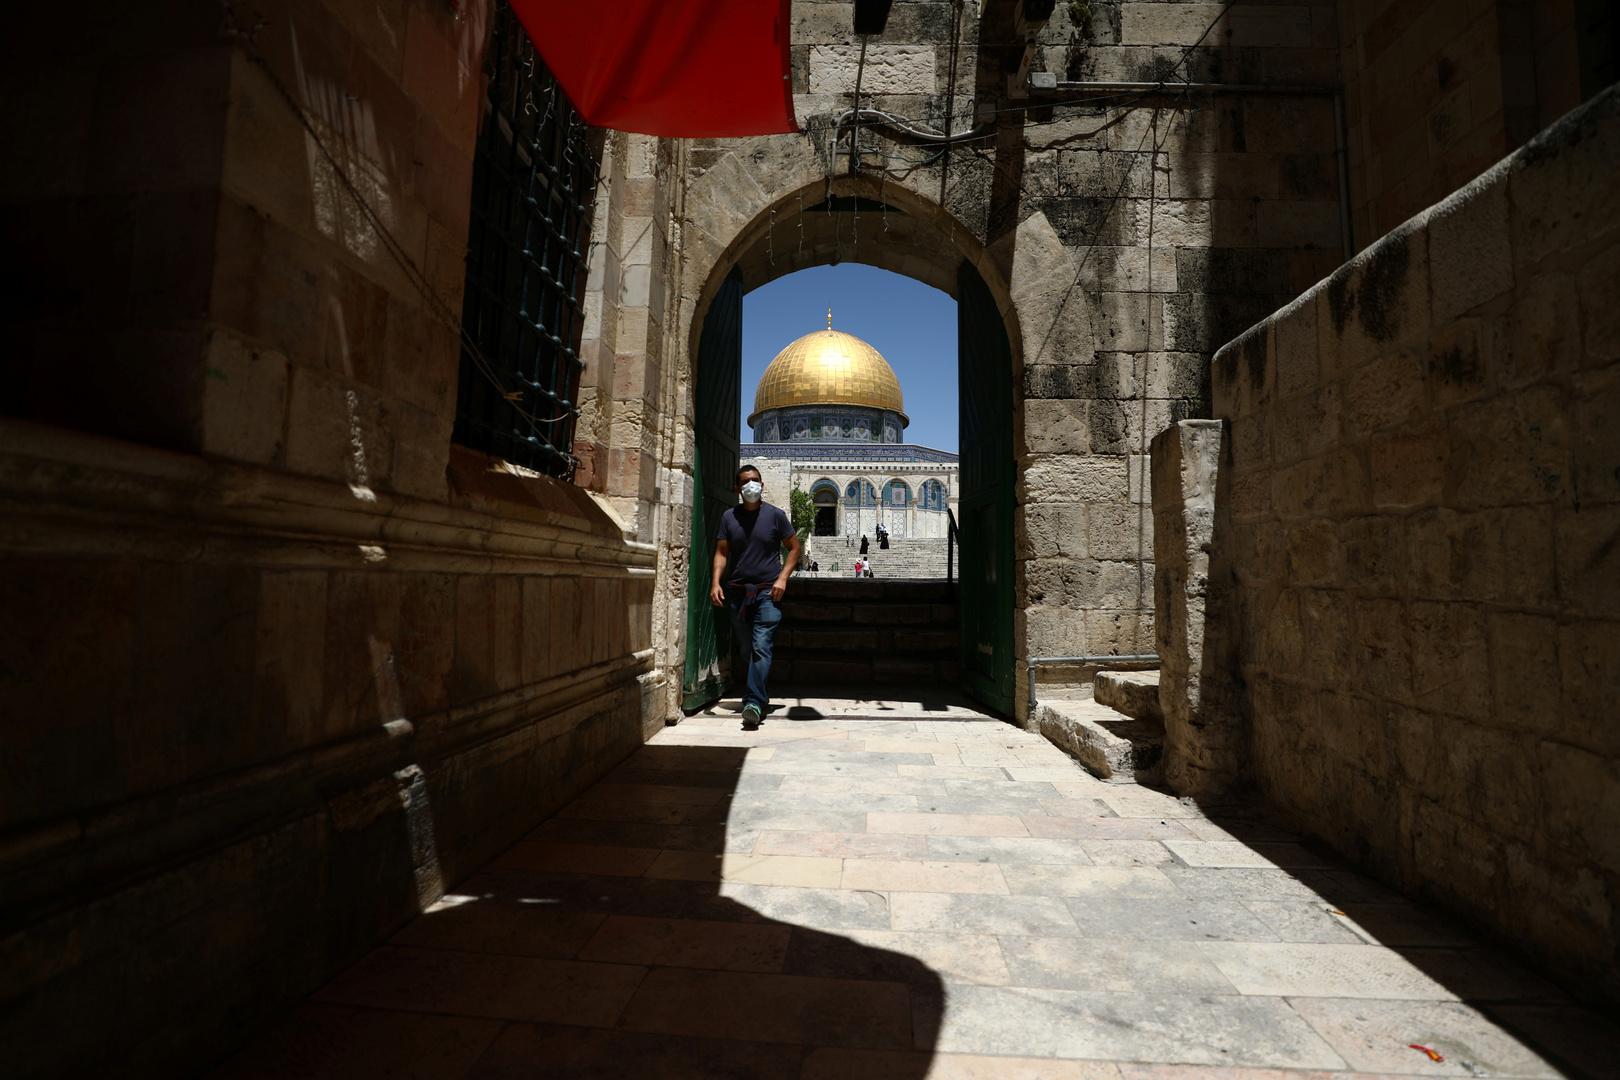 السلطات الإسرائيلية تغلق عدة مناطق في القدس بسبب تفشي فيروس كورونا